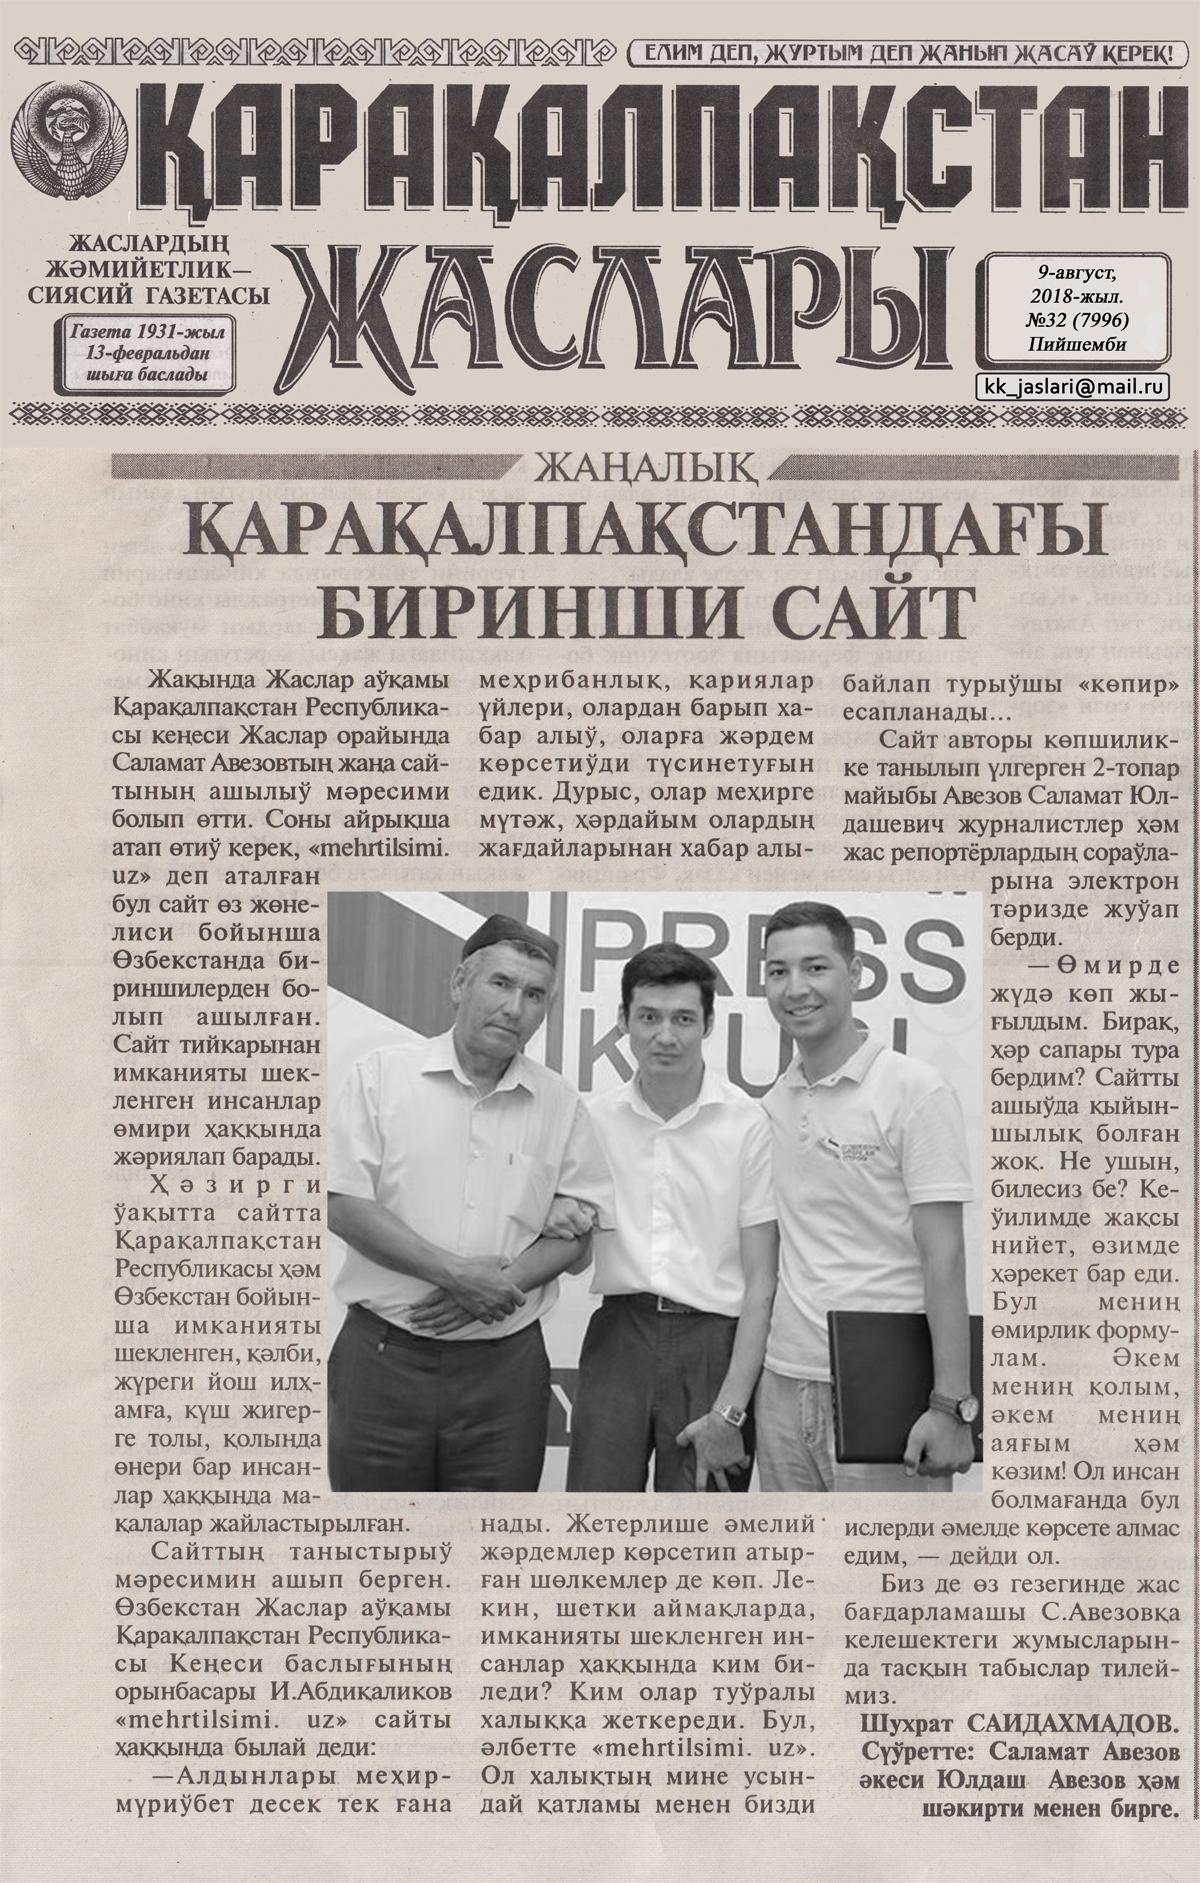 «Қарақалпақстан жаслары» газетасы 9-август, 2018-жыл. №32 (7996)